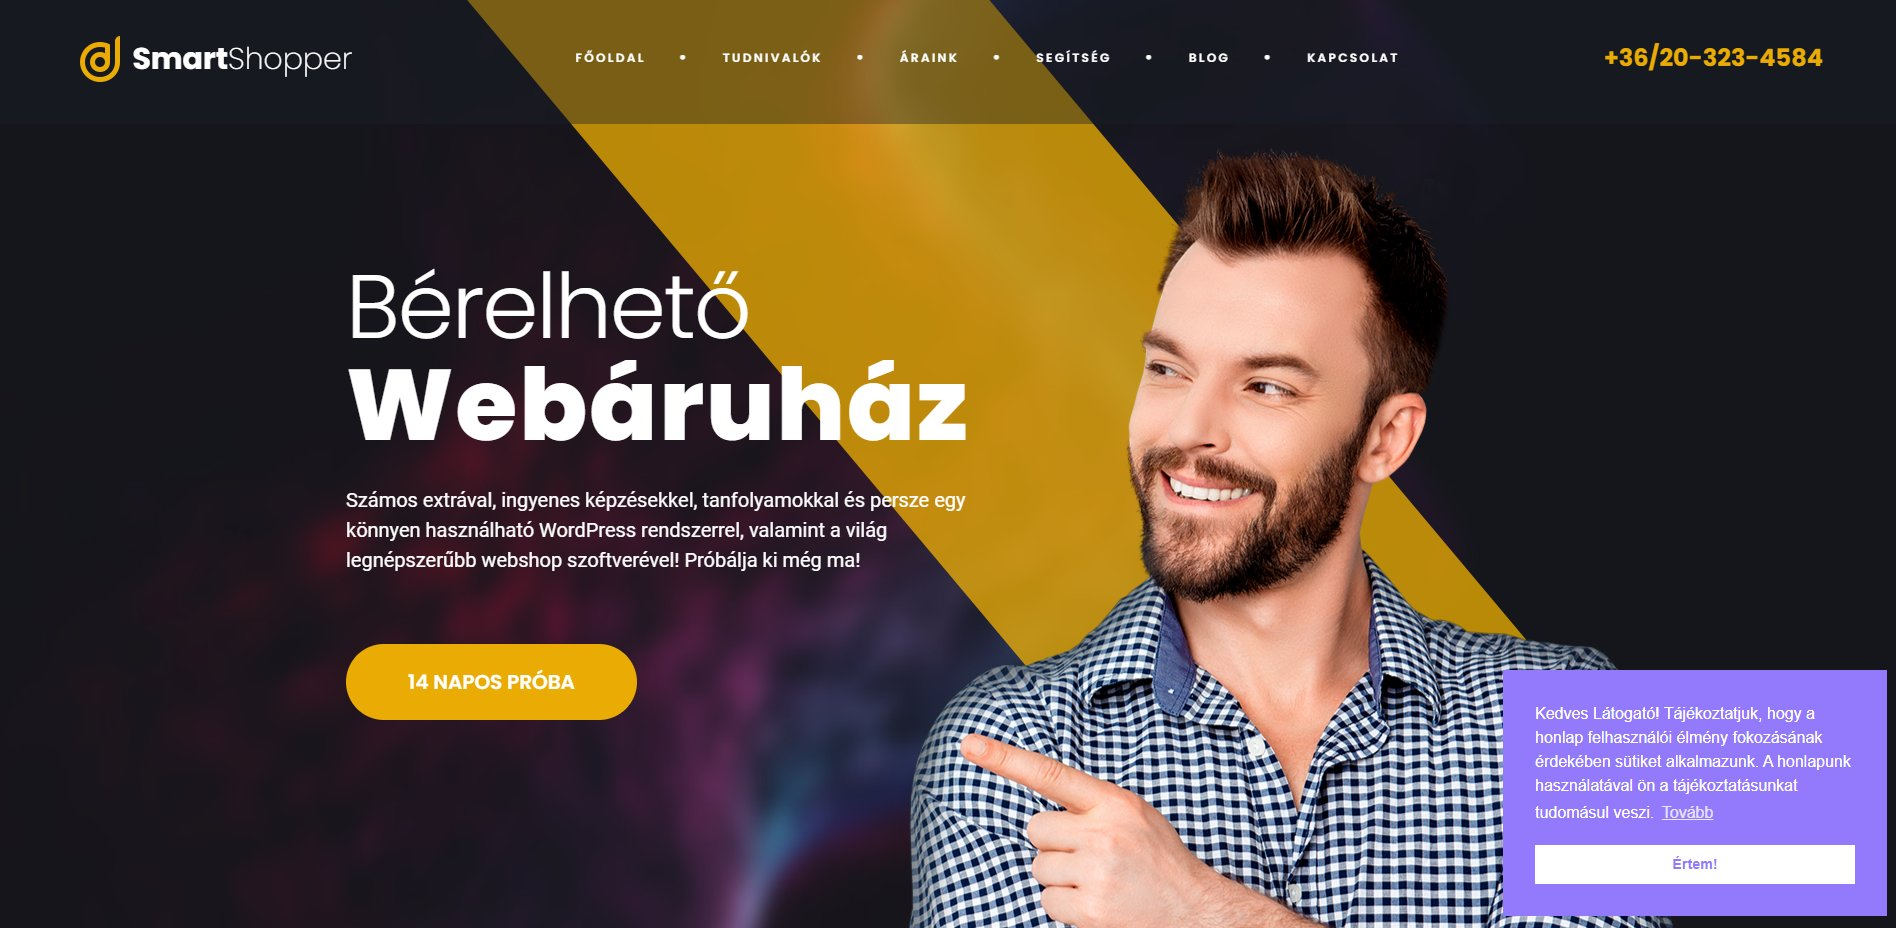 Smartshopper bérelhető webáruház